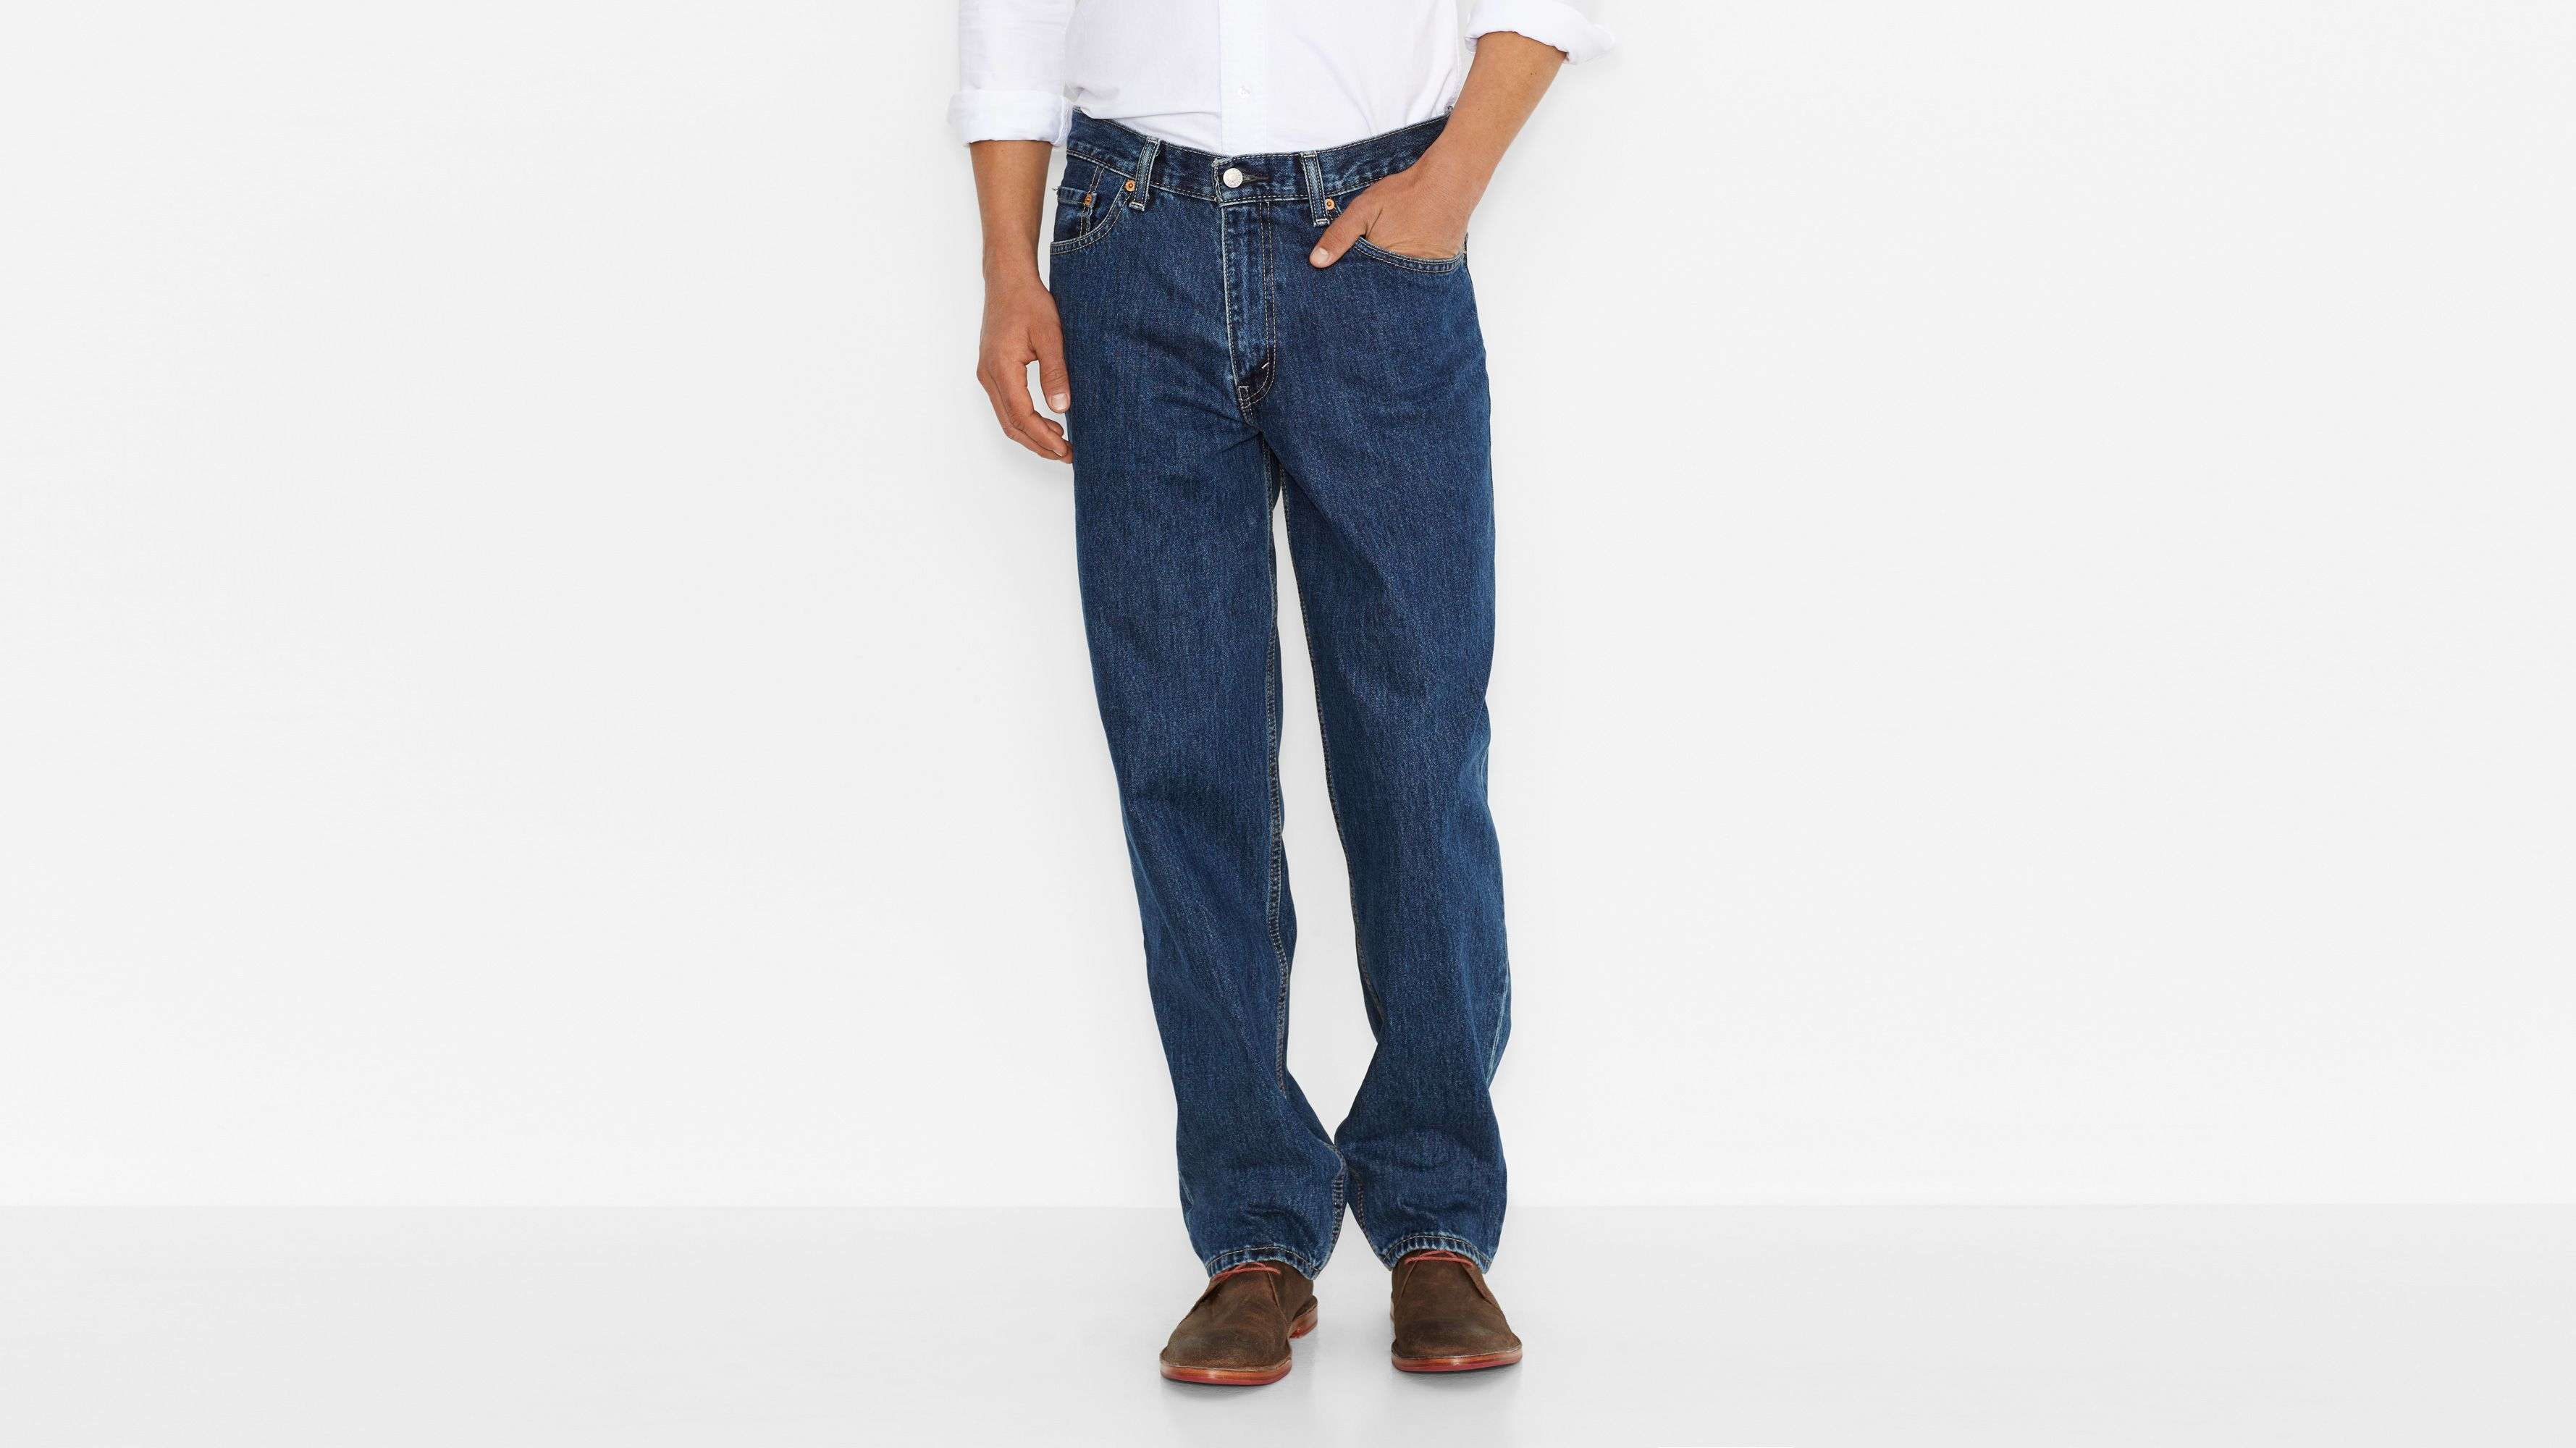 560™ Comfort Fit Jeans (Big & Tall) - Dark Stonewash